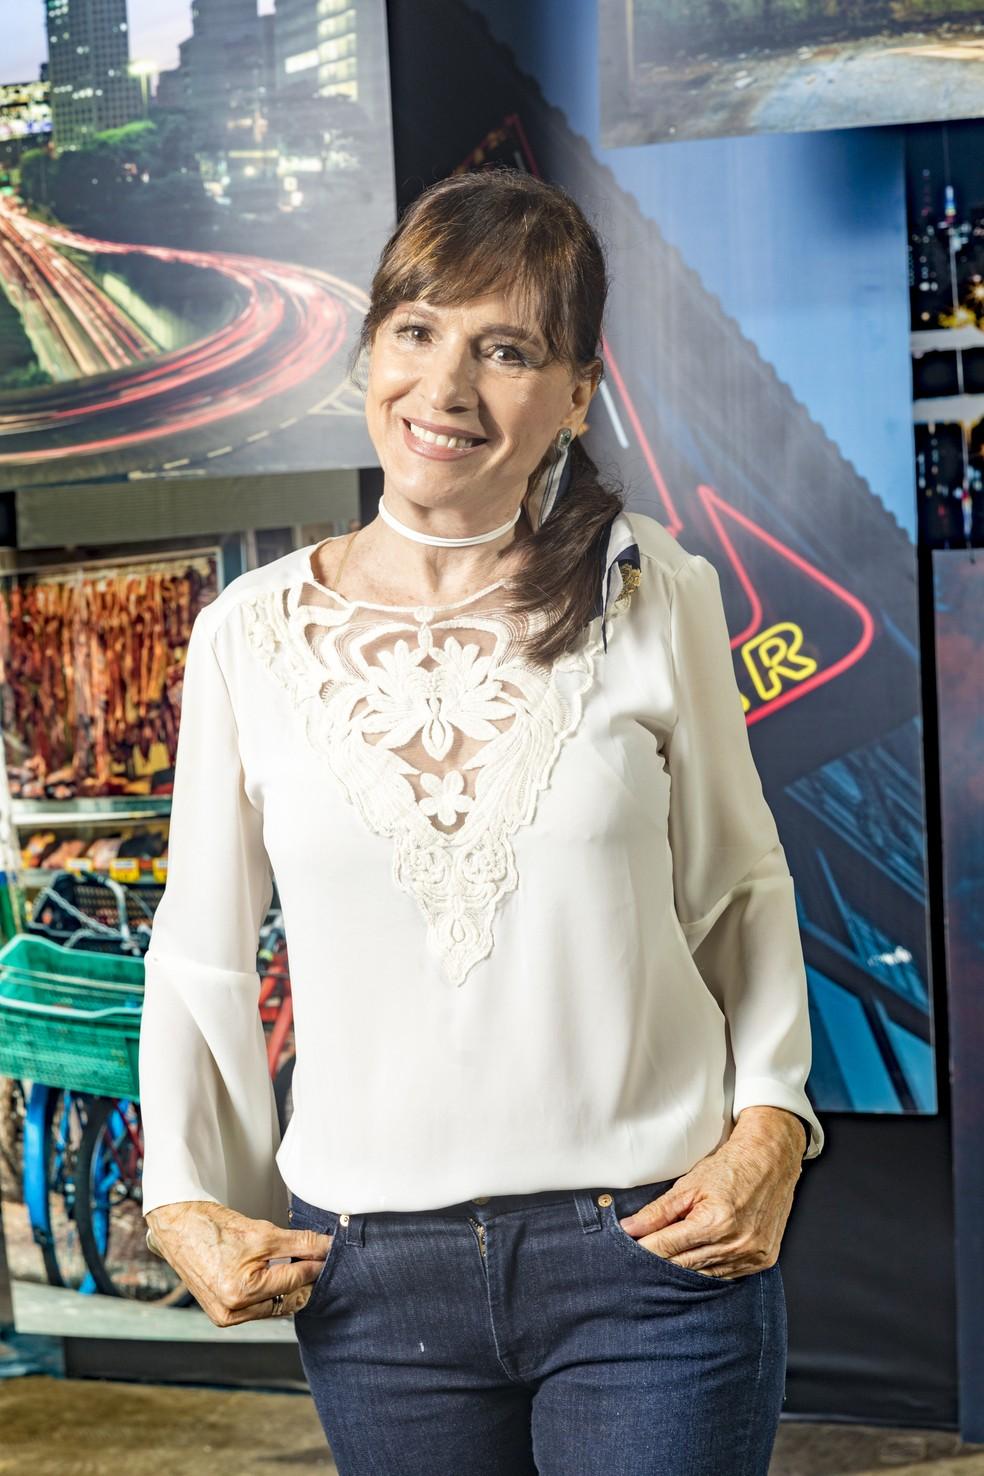 Em 'A Dona do Pedaço', Natália do Vale é Beatriz, casada com Otávio (José de Abreu) e mãe adotiva de Vivi (Paolla Oliveira) — Foto: TV Globo/João Miguel Jr.